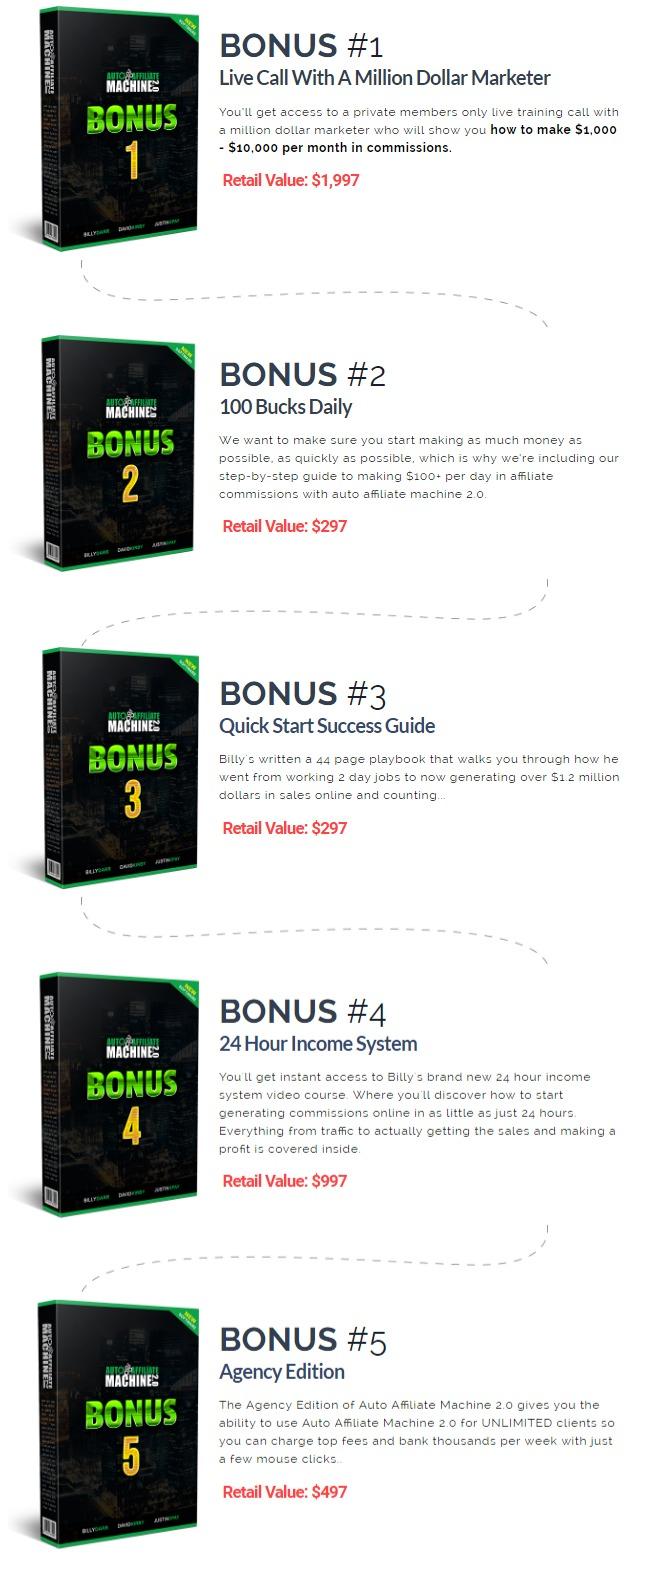 auto-affiliate-machine2-launch-bonuses